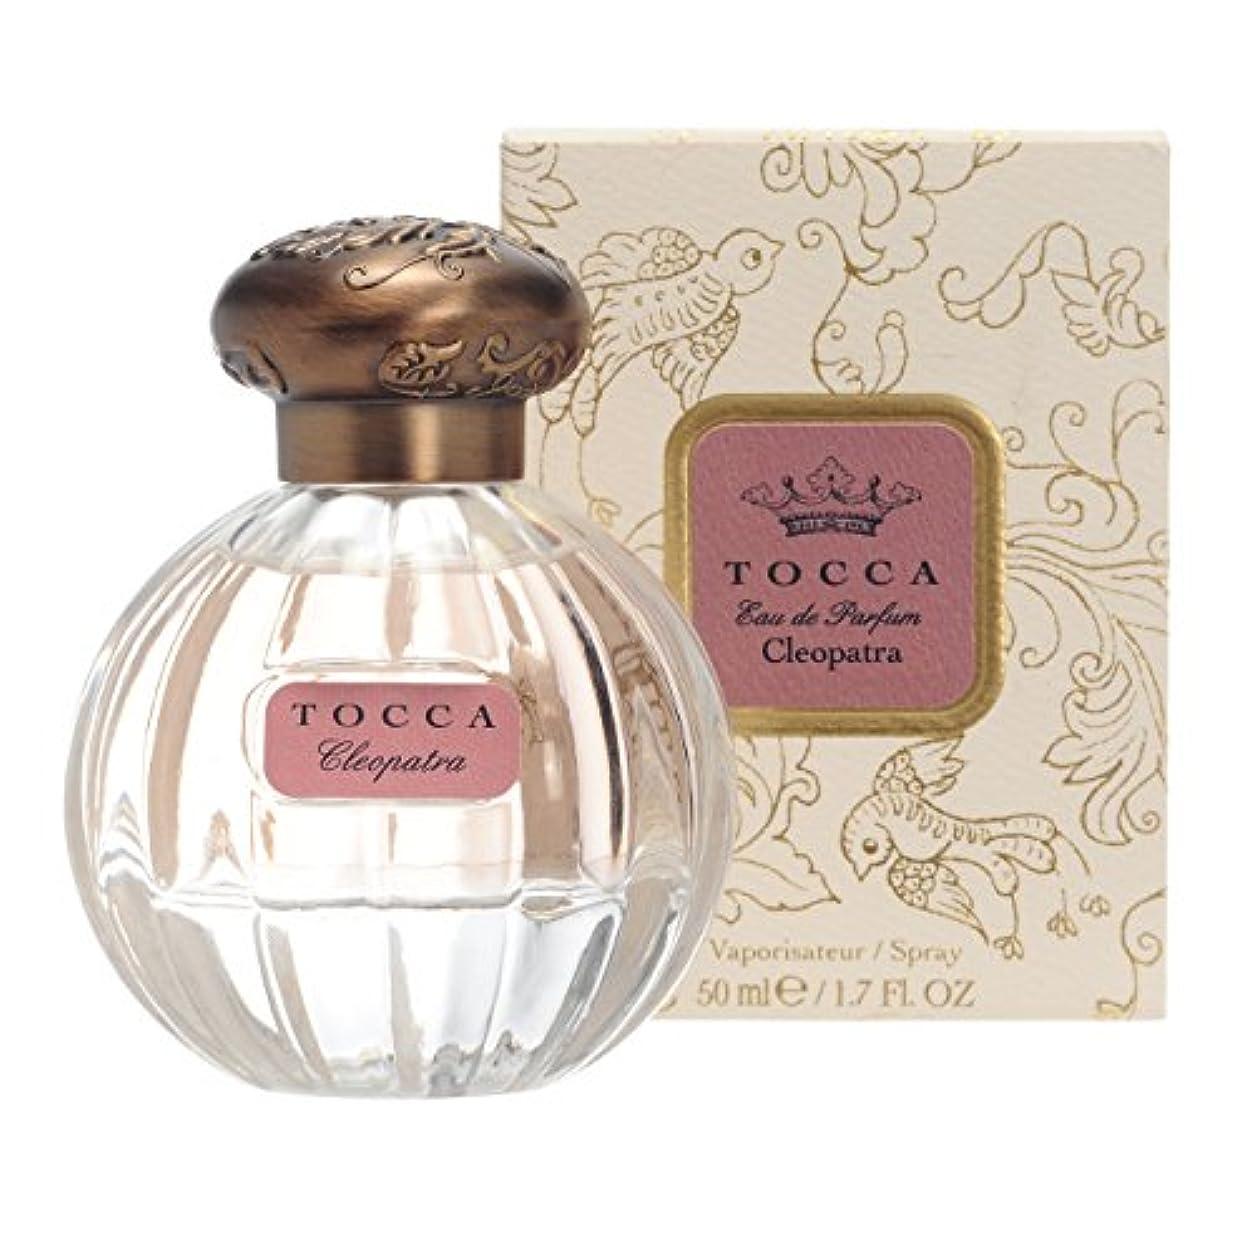 コーヒーくしゃくしゃ列挙するトッカ(TOCCA) オードパルファム クレオパトラの香り 50ml(香水 グレープフルーツとホワイトジャスミンの魅惑的でエキゾチックな香り)